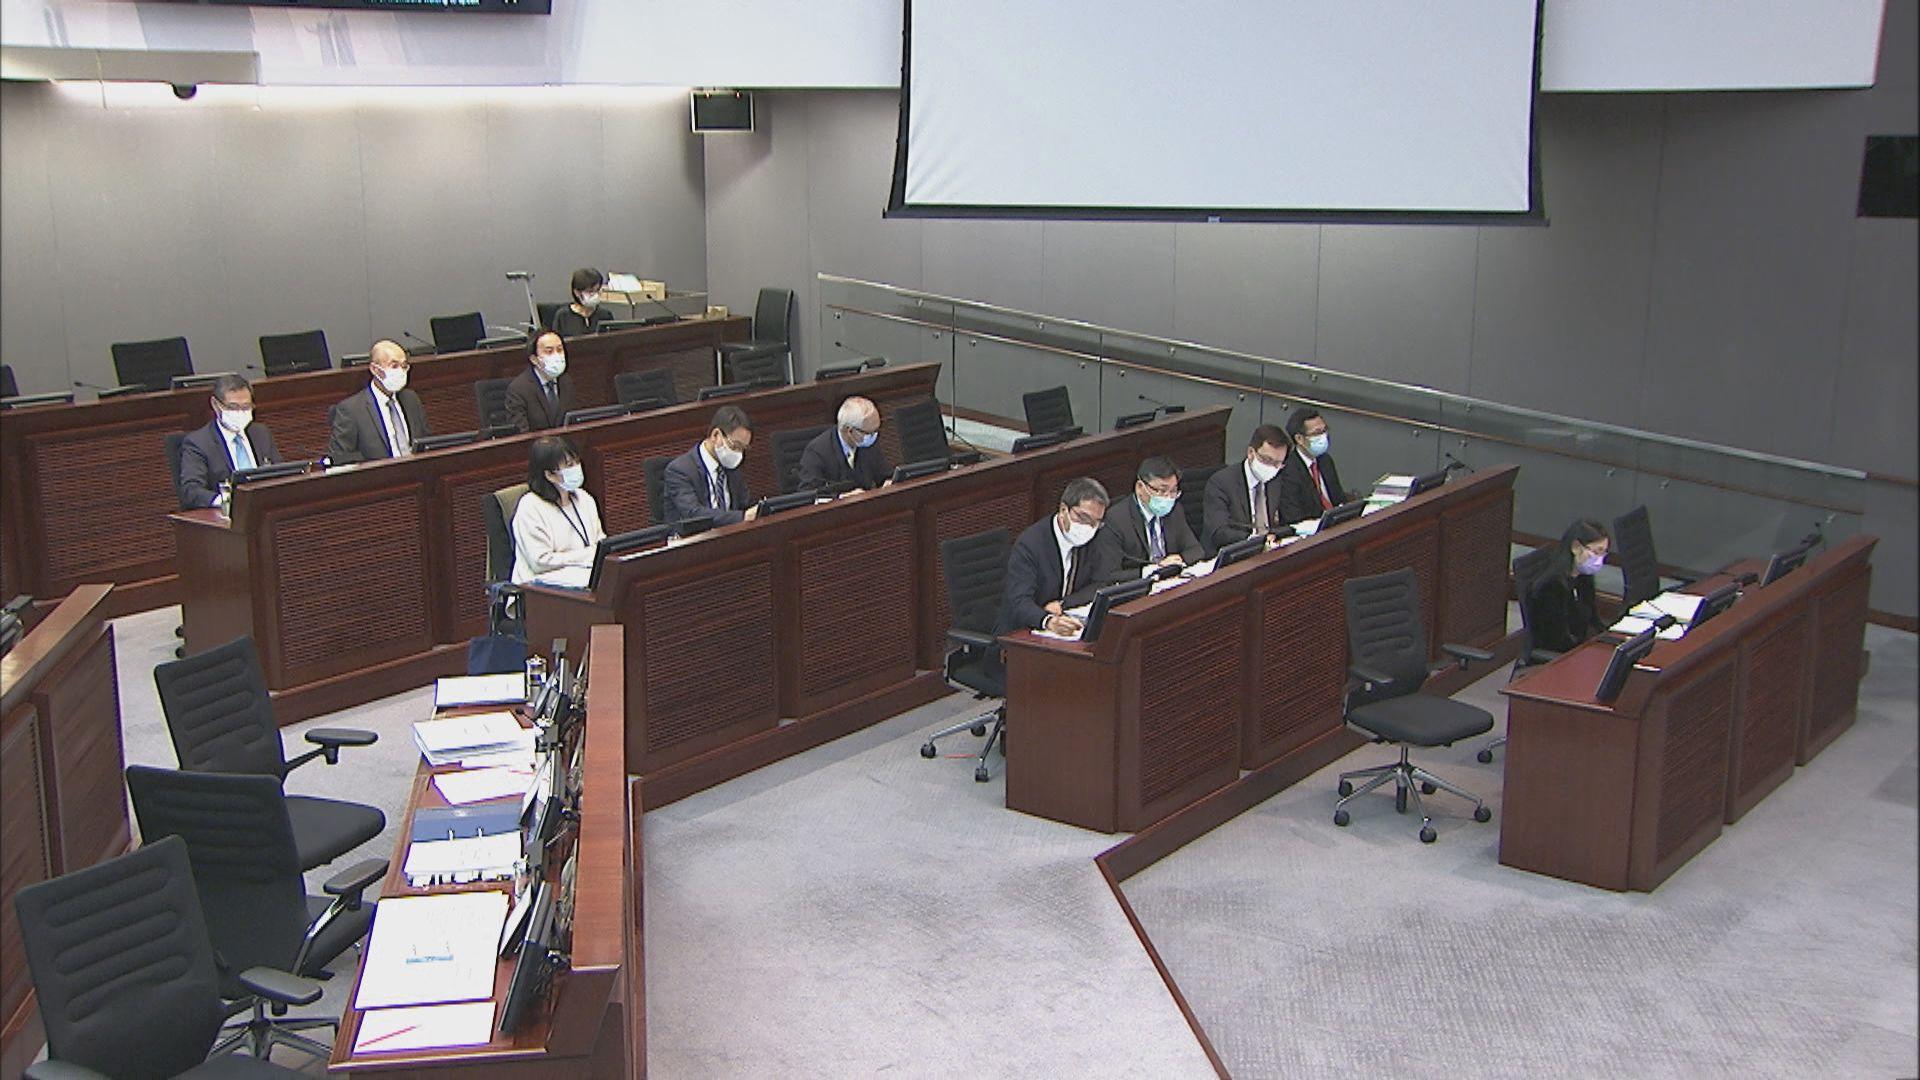 財委會審議明日大嶼前期研究撥款 多名議員支持